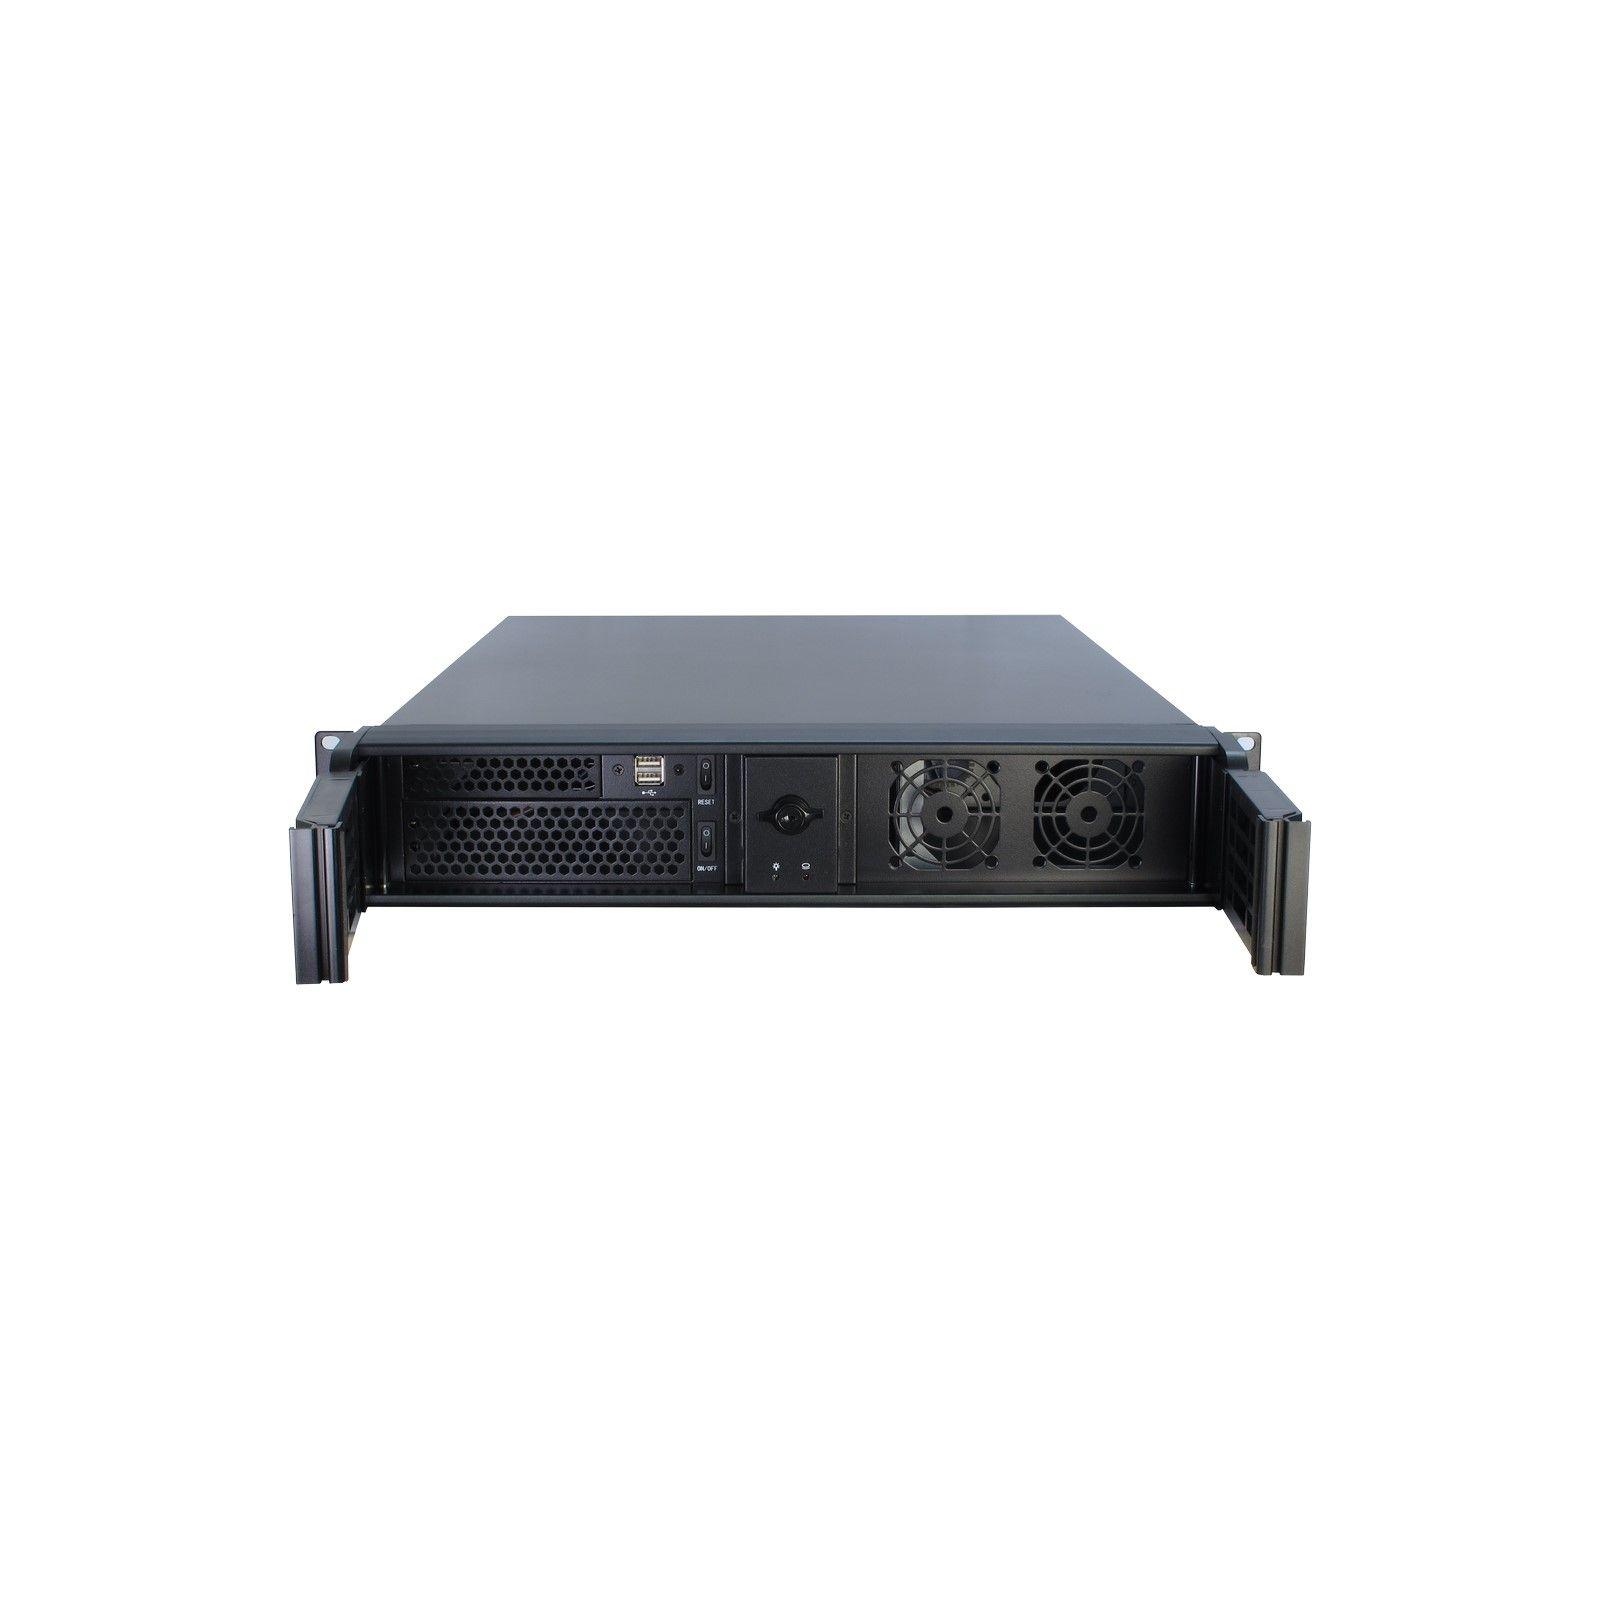 Корпус для сервера Inter-Tech 2U 2098-SL (451079) изображение 2